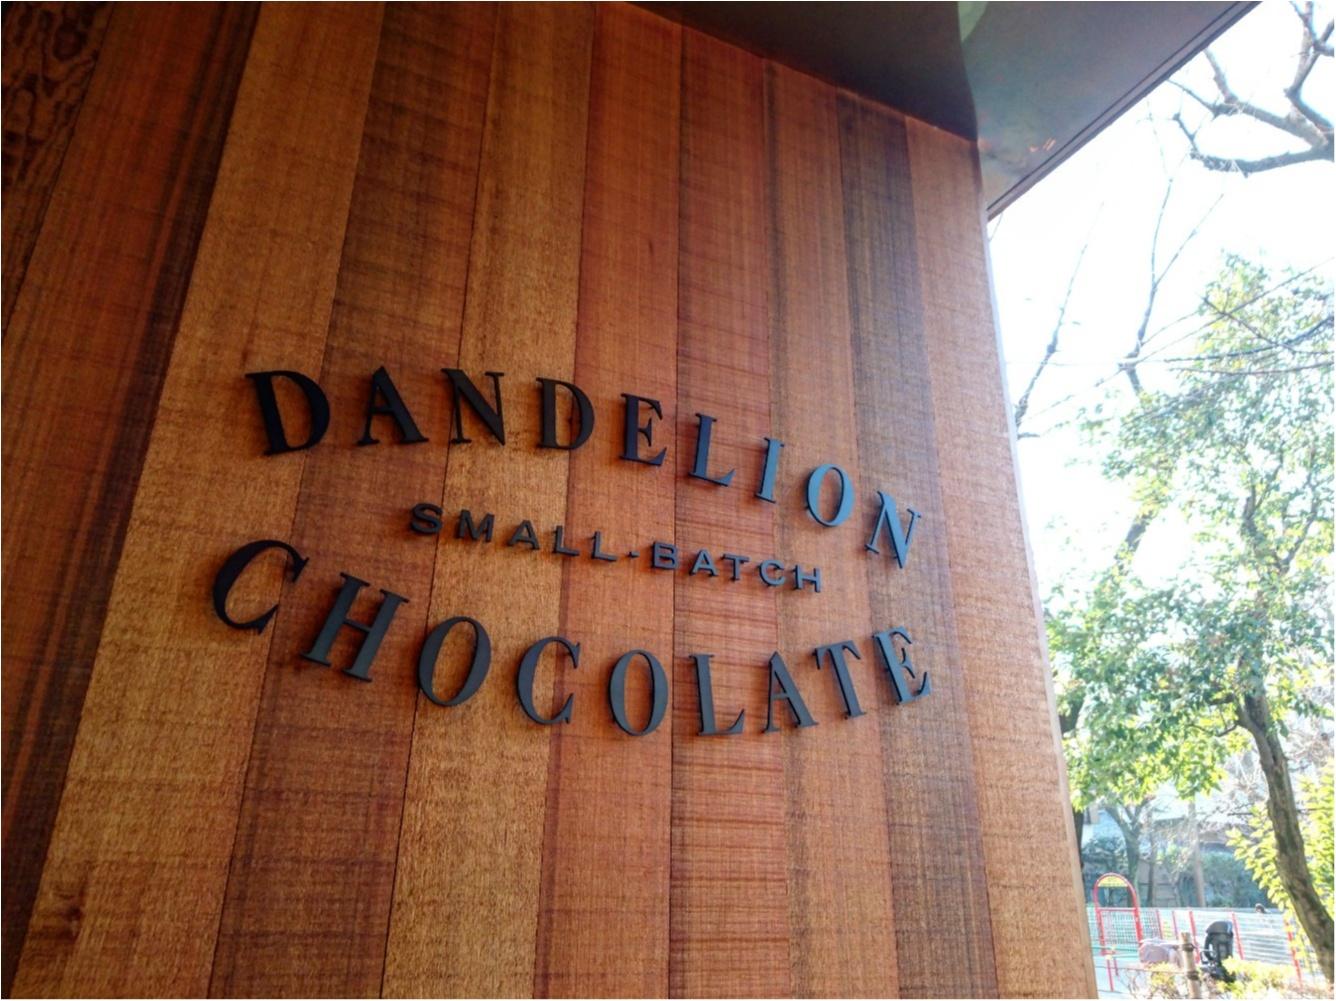 【しの散歩】バレンタイン目前!本格的なカカオ豆を楽しむなら ♪《 bean to bar チョコレート専門店 》プレゼントはもちろん、カフェの利用もおすすめ◎_7